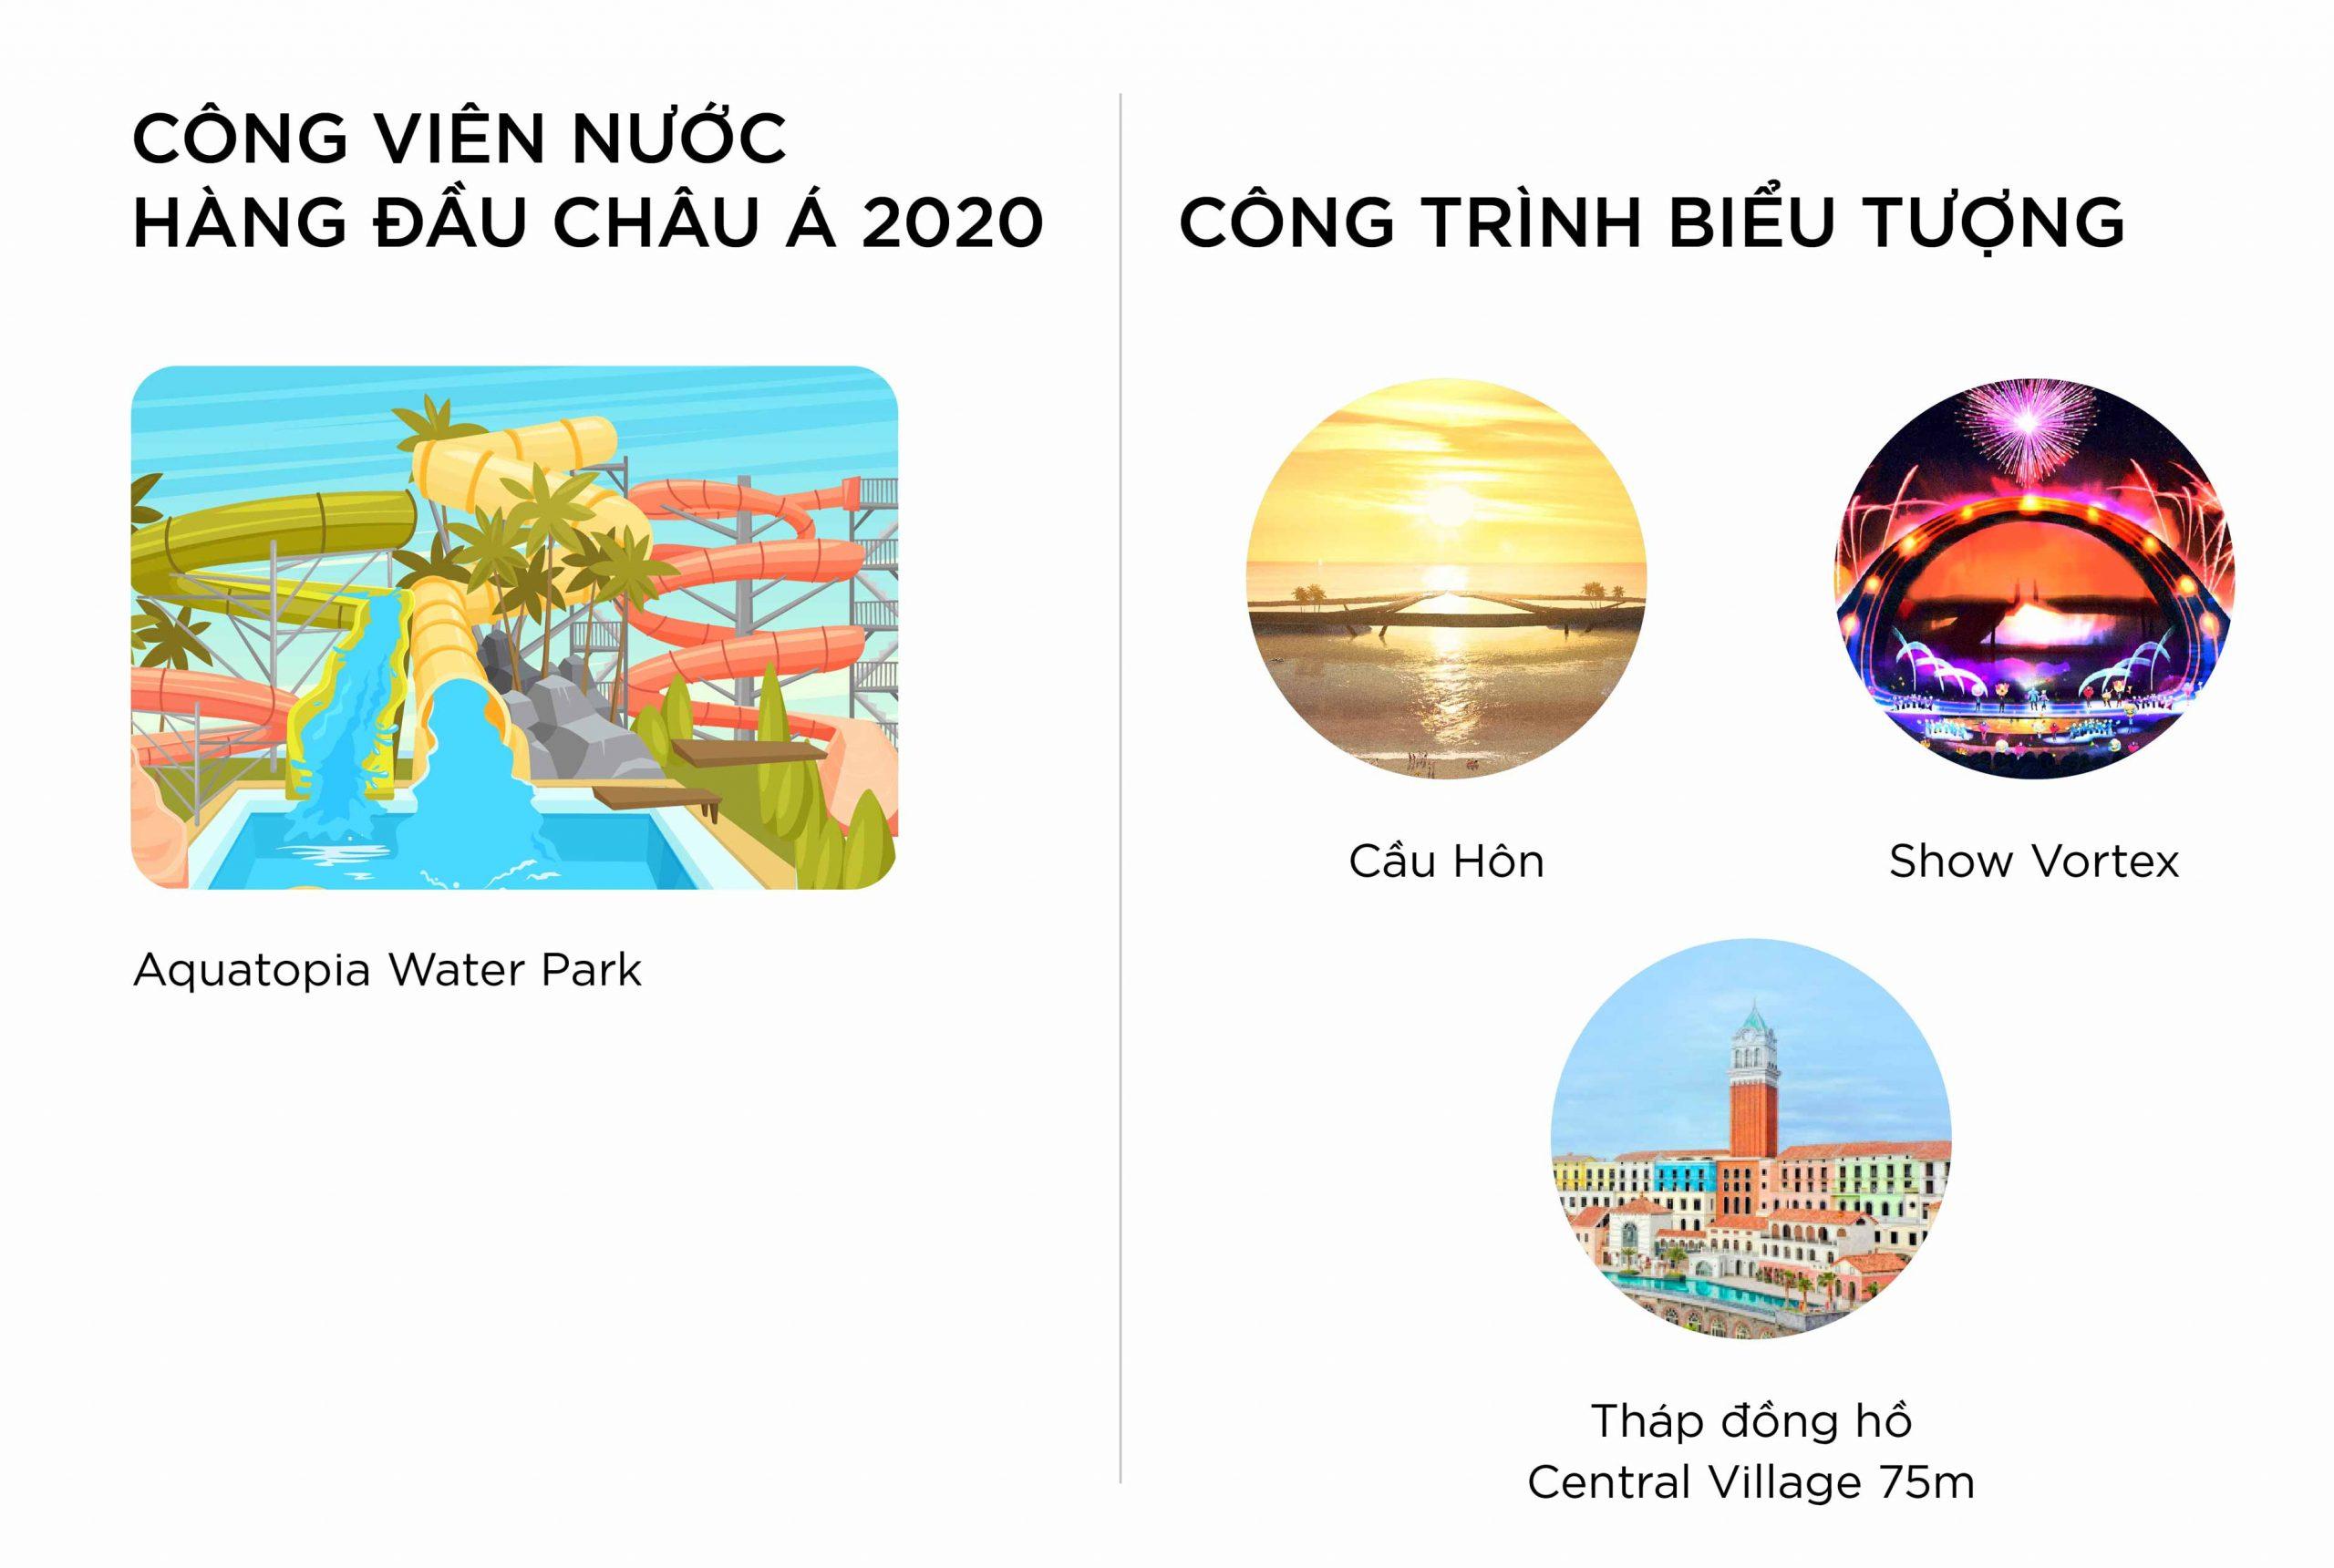 Nam Phú Quốc sở hữu những công trình biểu tượng vươn tầm thế giới như tháp Đồng Hồ, cầu Hôn và show trình diễn công nghệ đỉnh cao Vortex thu hút hàng triệu du khách tới check-in